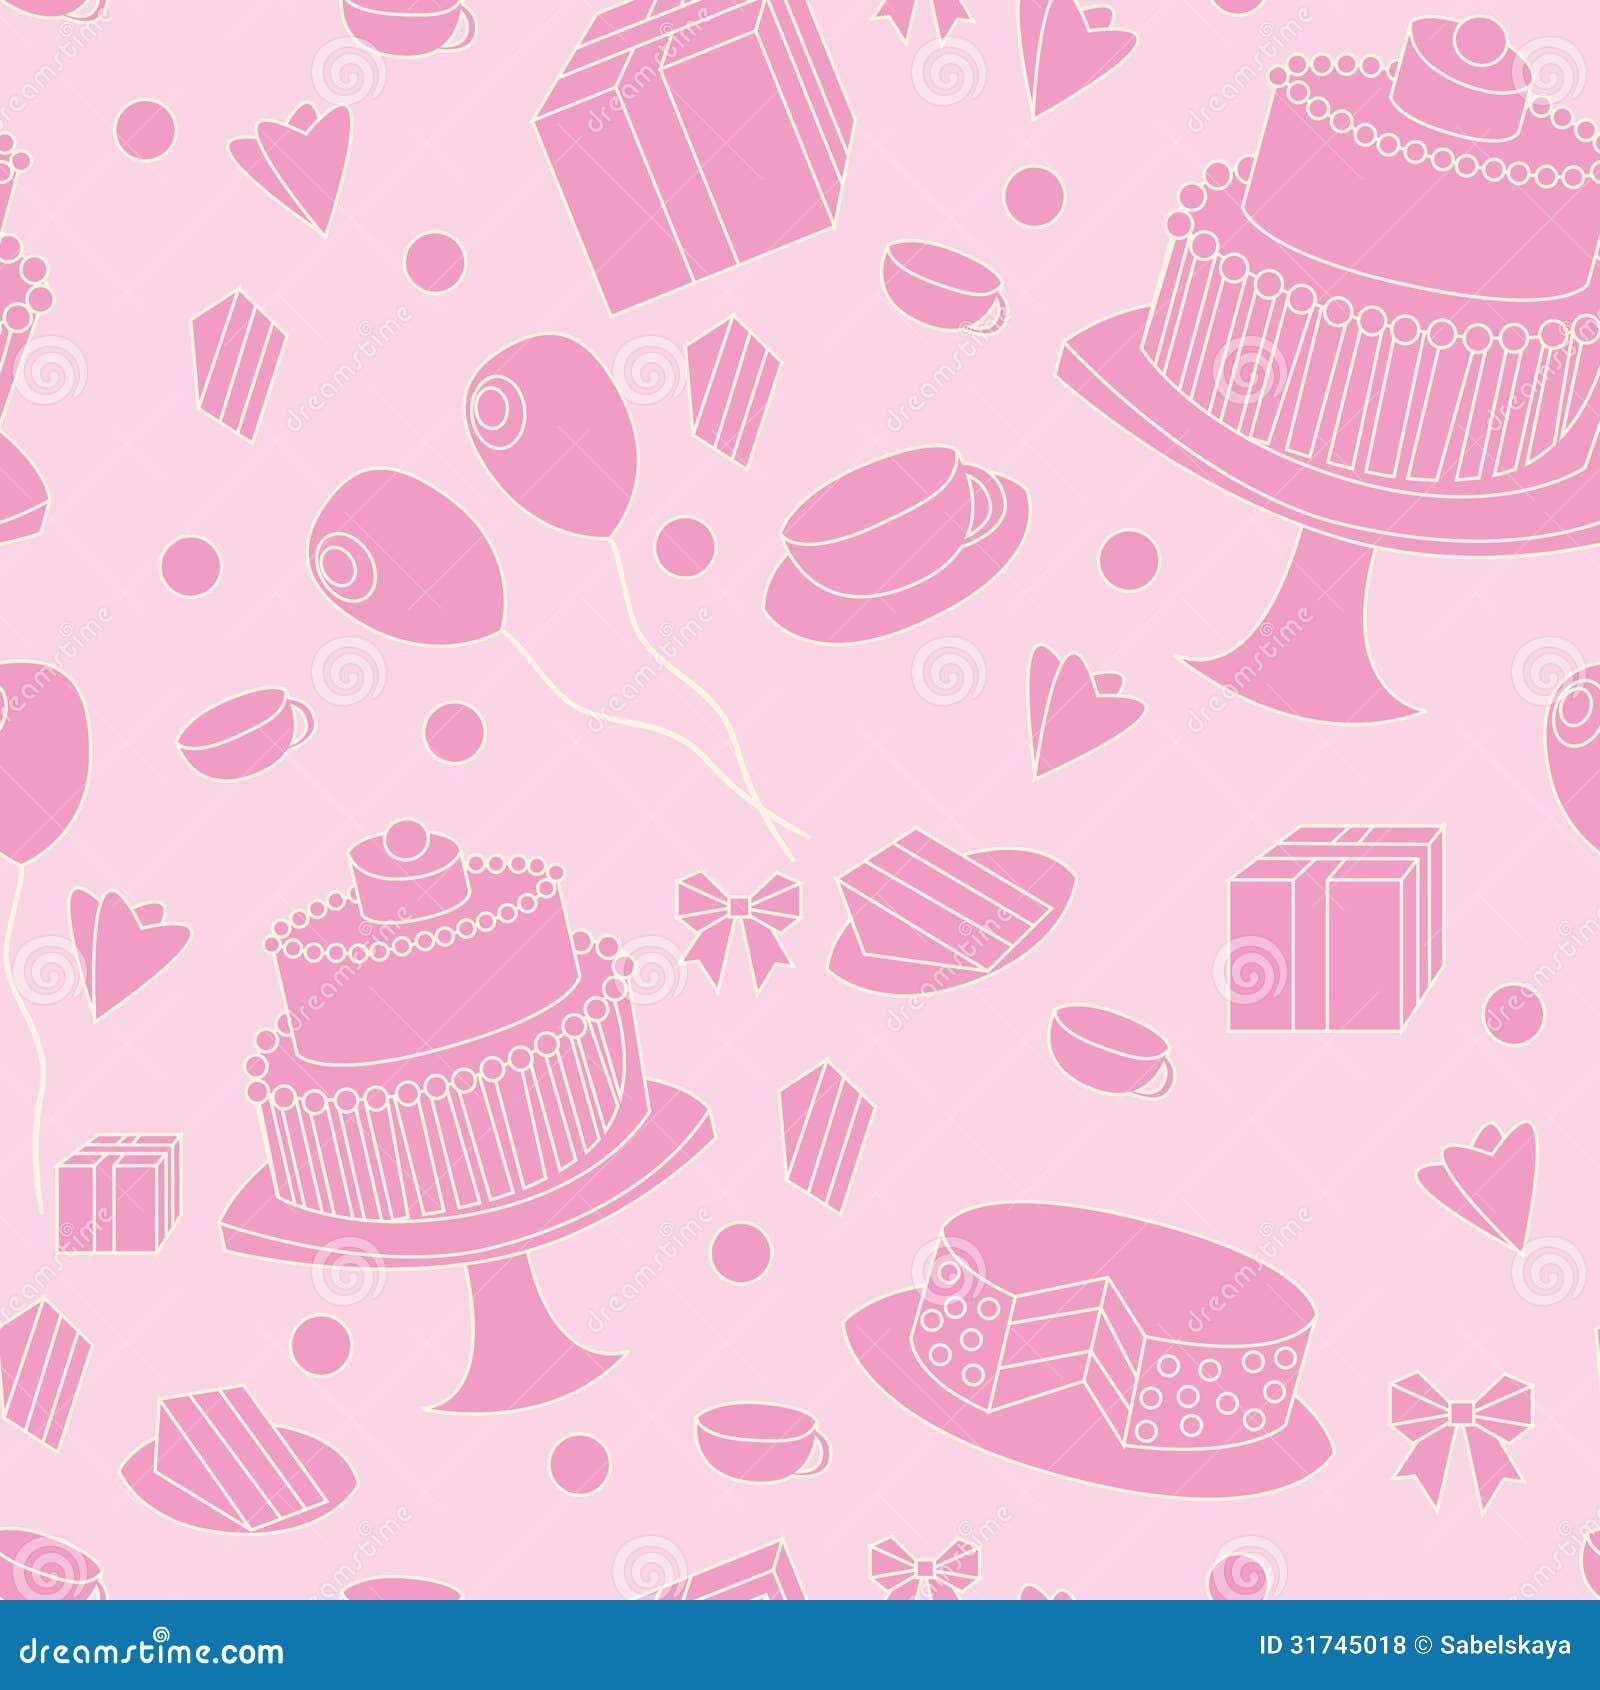 Wedding Cake Desktop Wallpaper